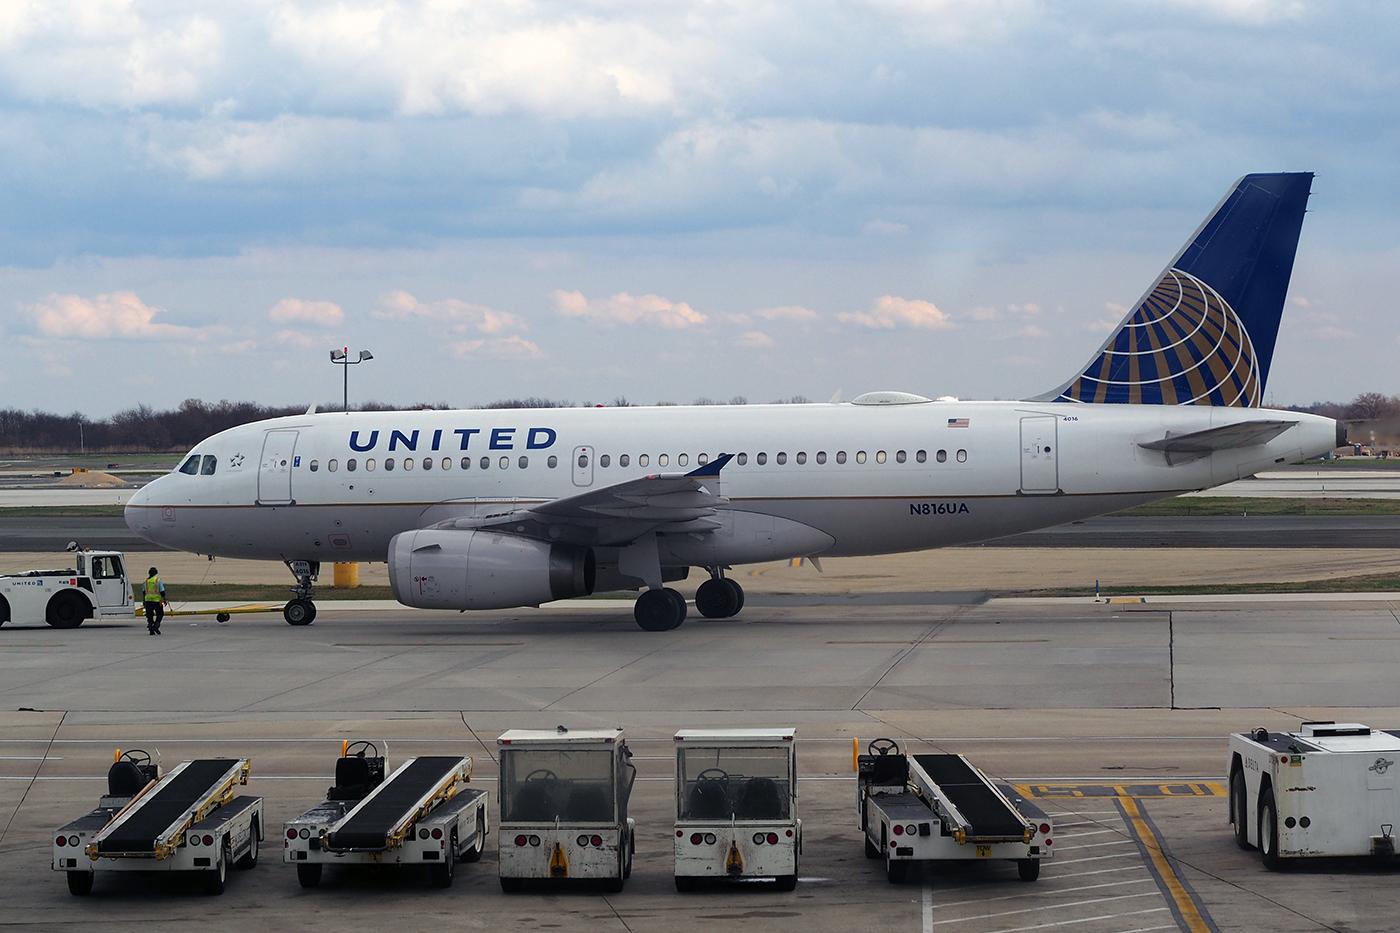 N816UA, United, A319